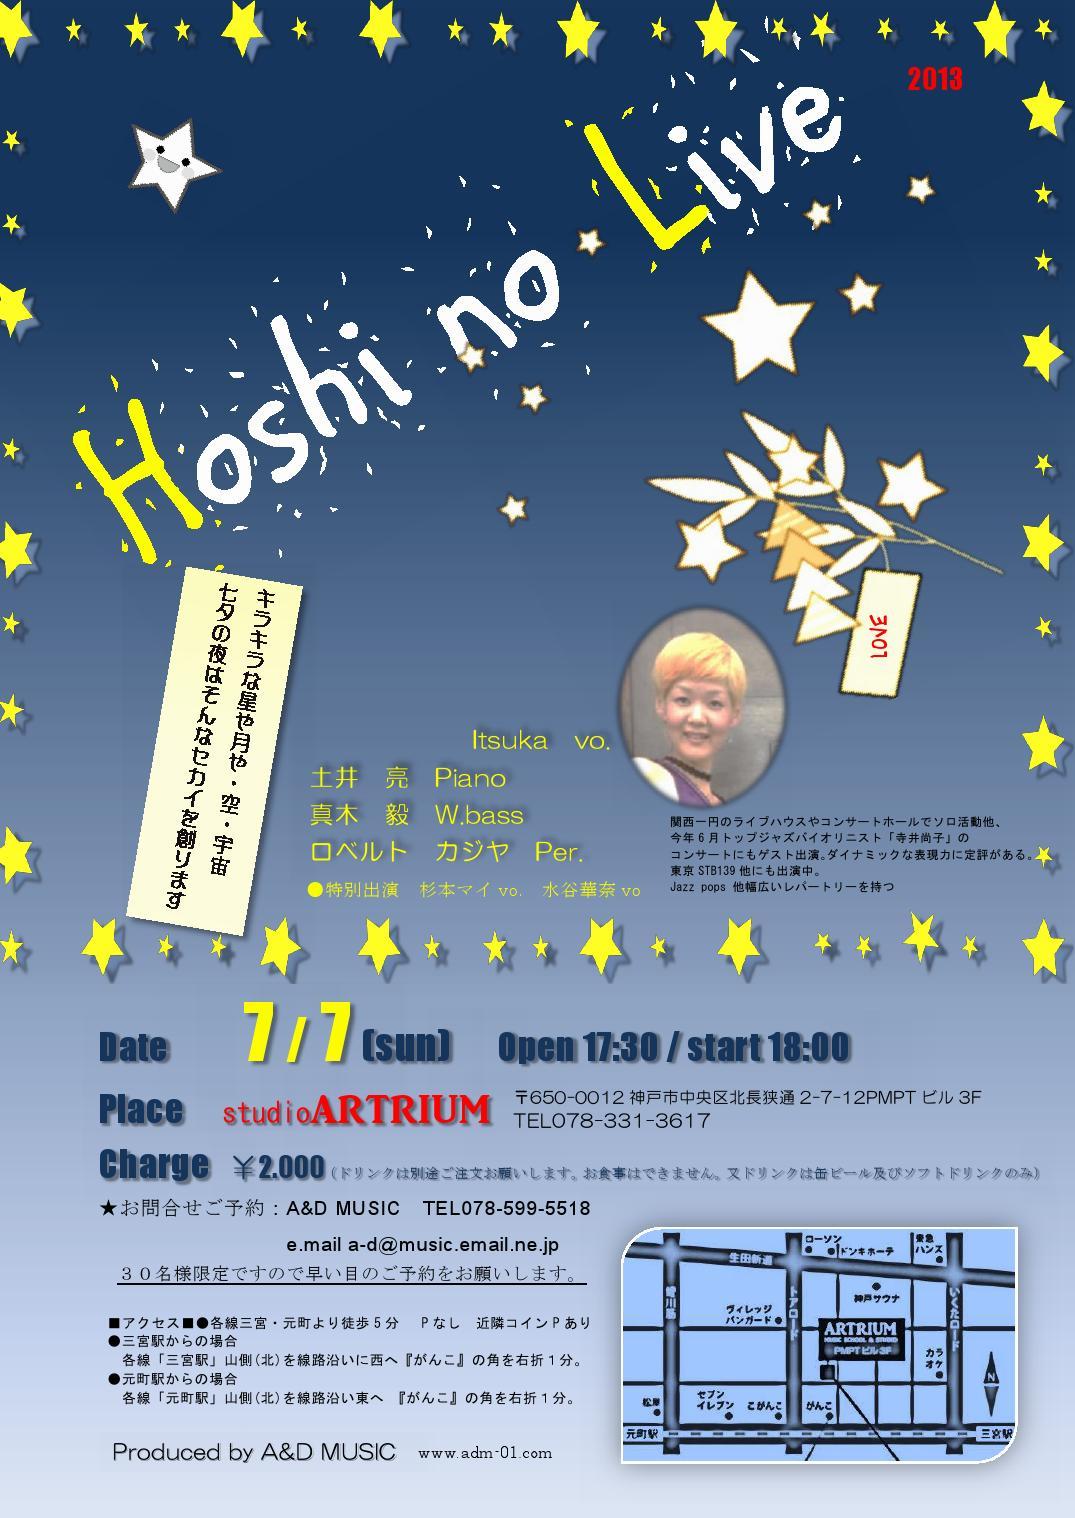 Hoshi no Live 7/7_d0118021_14482699.jpg